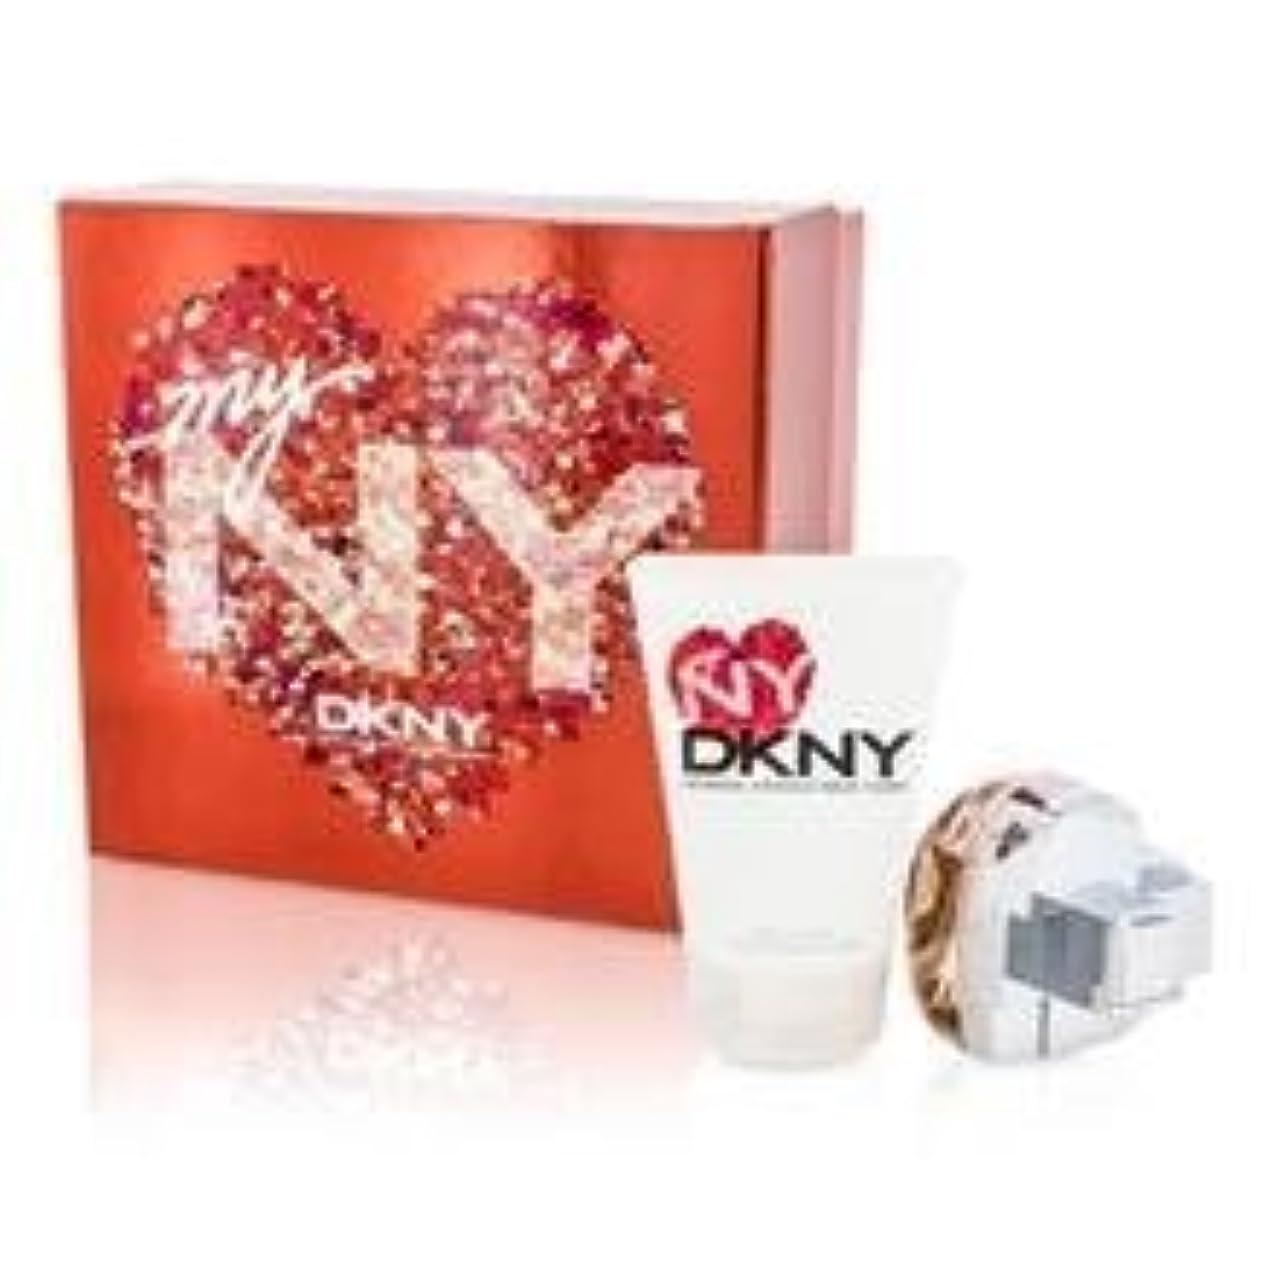 読書センチメートル選択するDKNY My NY The Heart Of The City Coffret: Eau De Parfum Spray 50ml/1.7oz + Body Lotion 100ml/3.4oz 2pcs並行輸入品